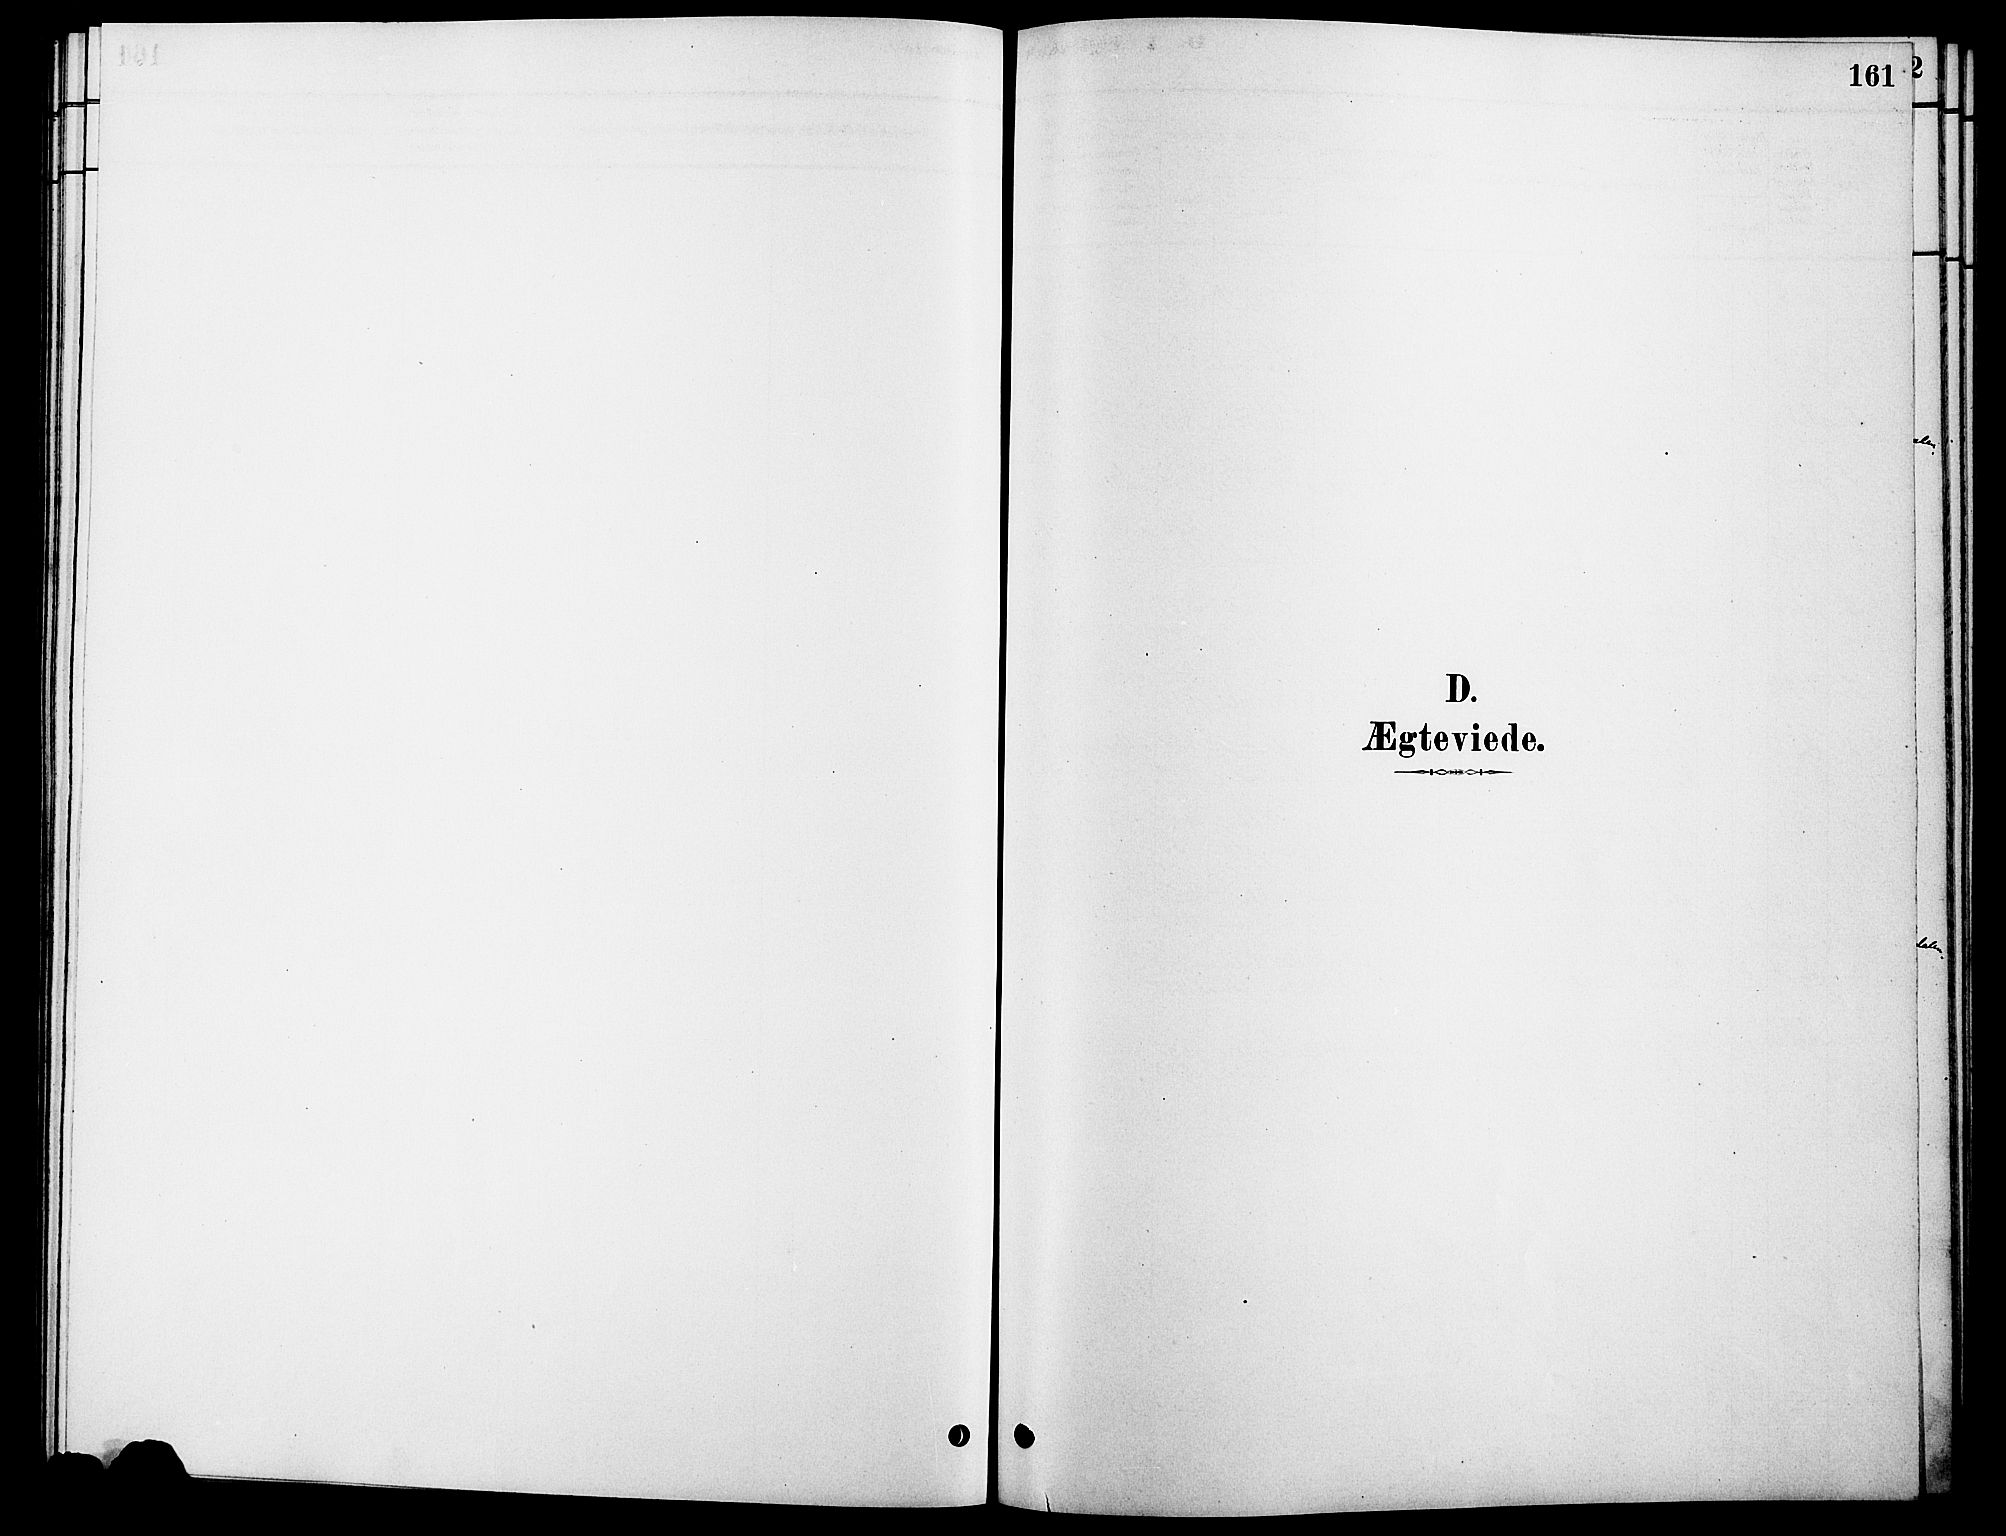 SAH, Rendalen prestekontor, H/Ha/Hab/L0003: Klokkerbok nr. 3, 1879-1904, s. 161